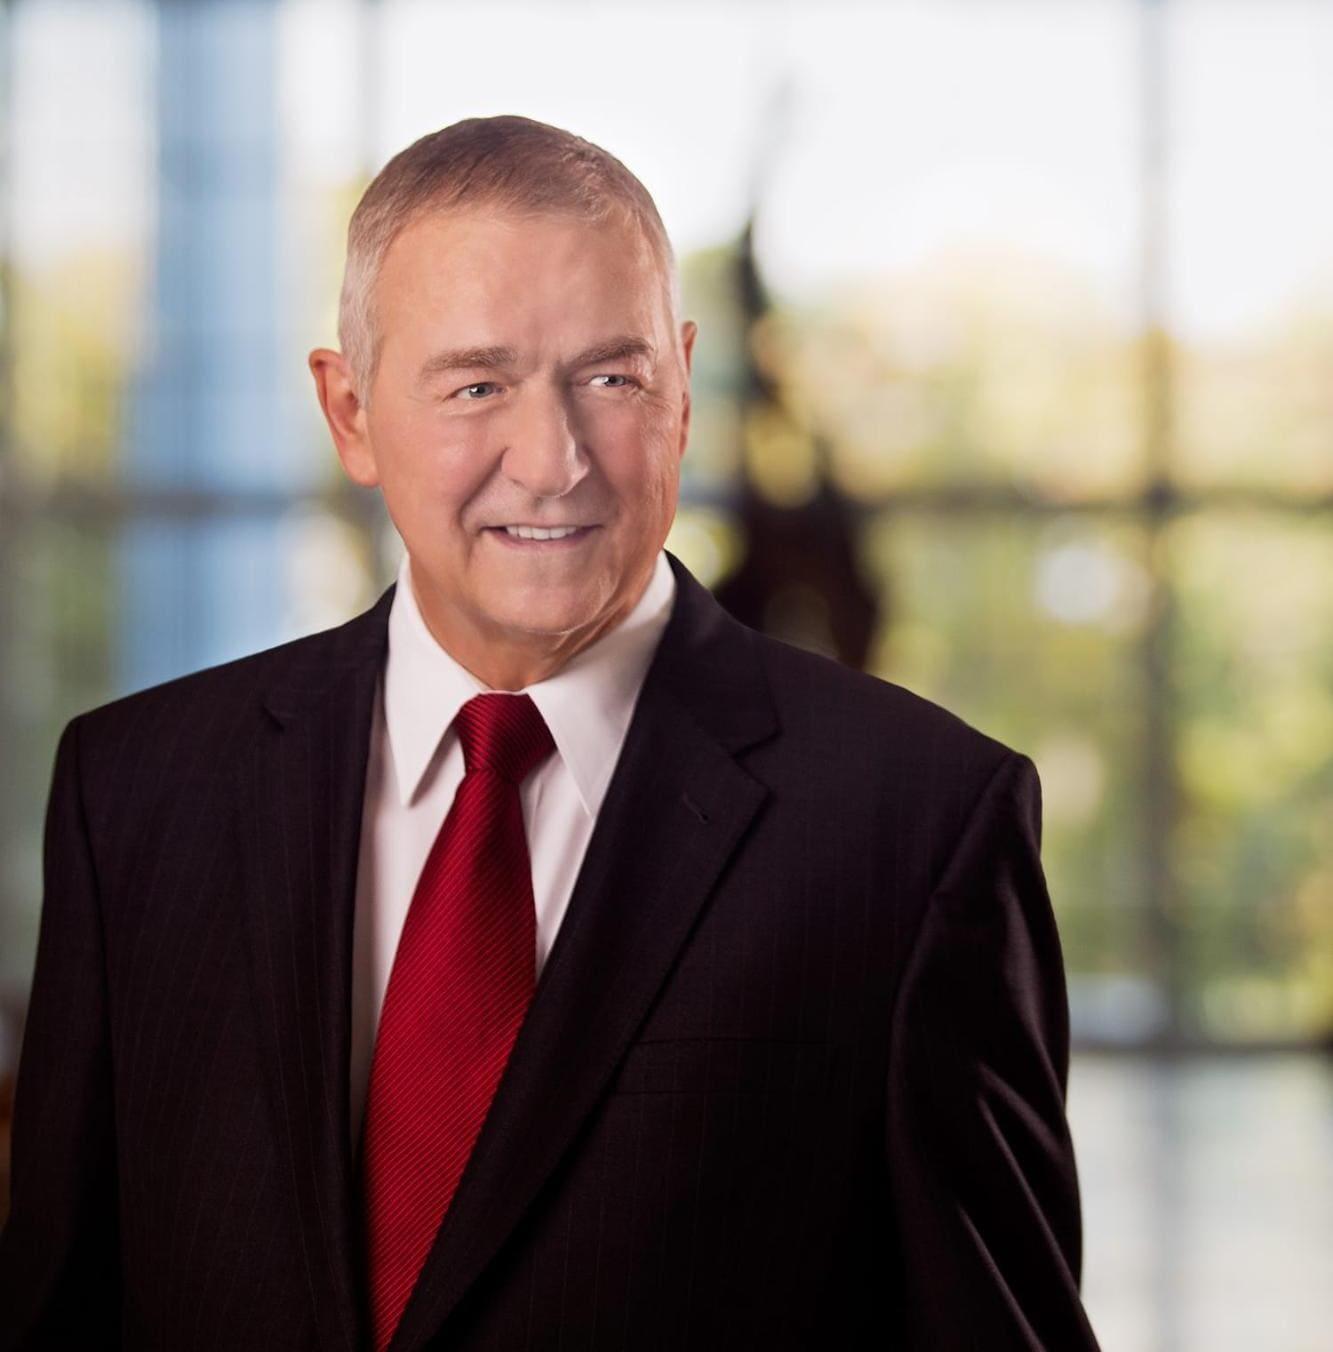 Jim Goodnight, CEO of SAS